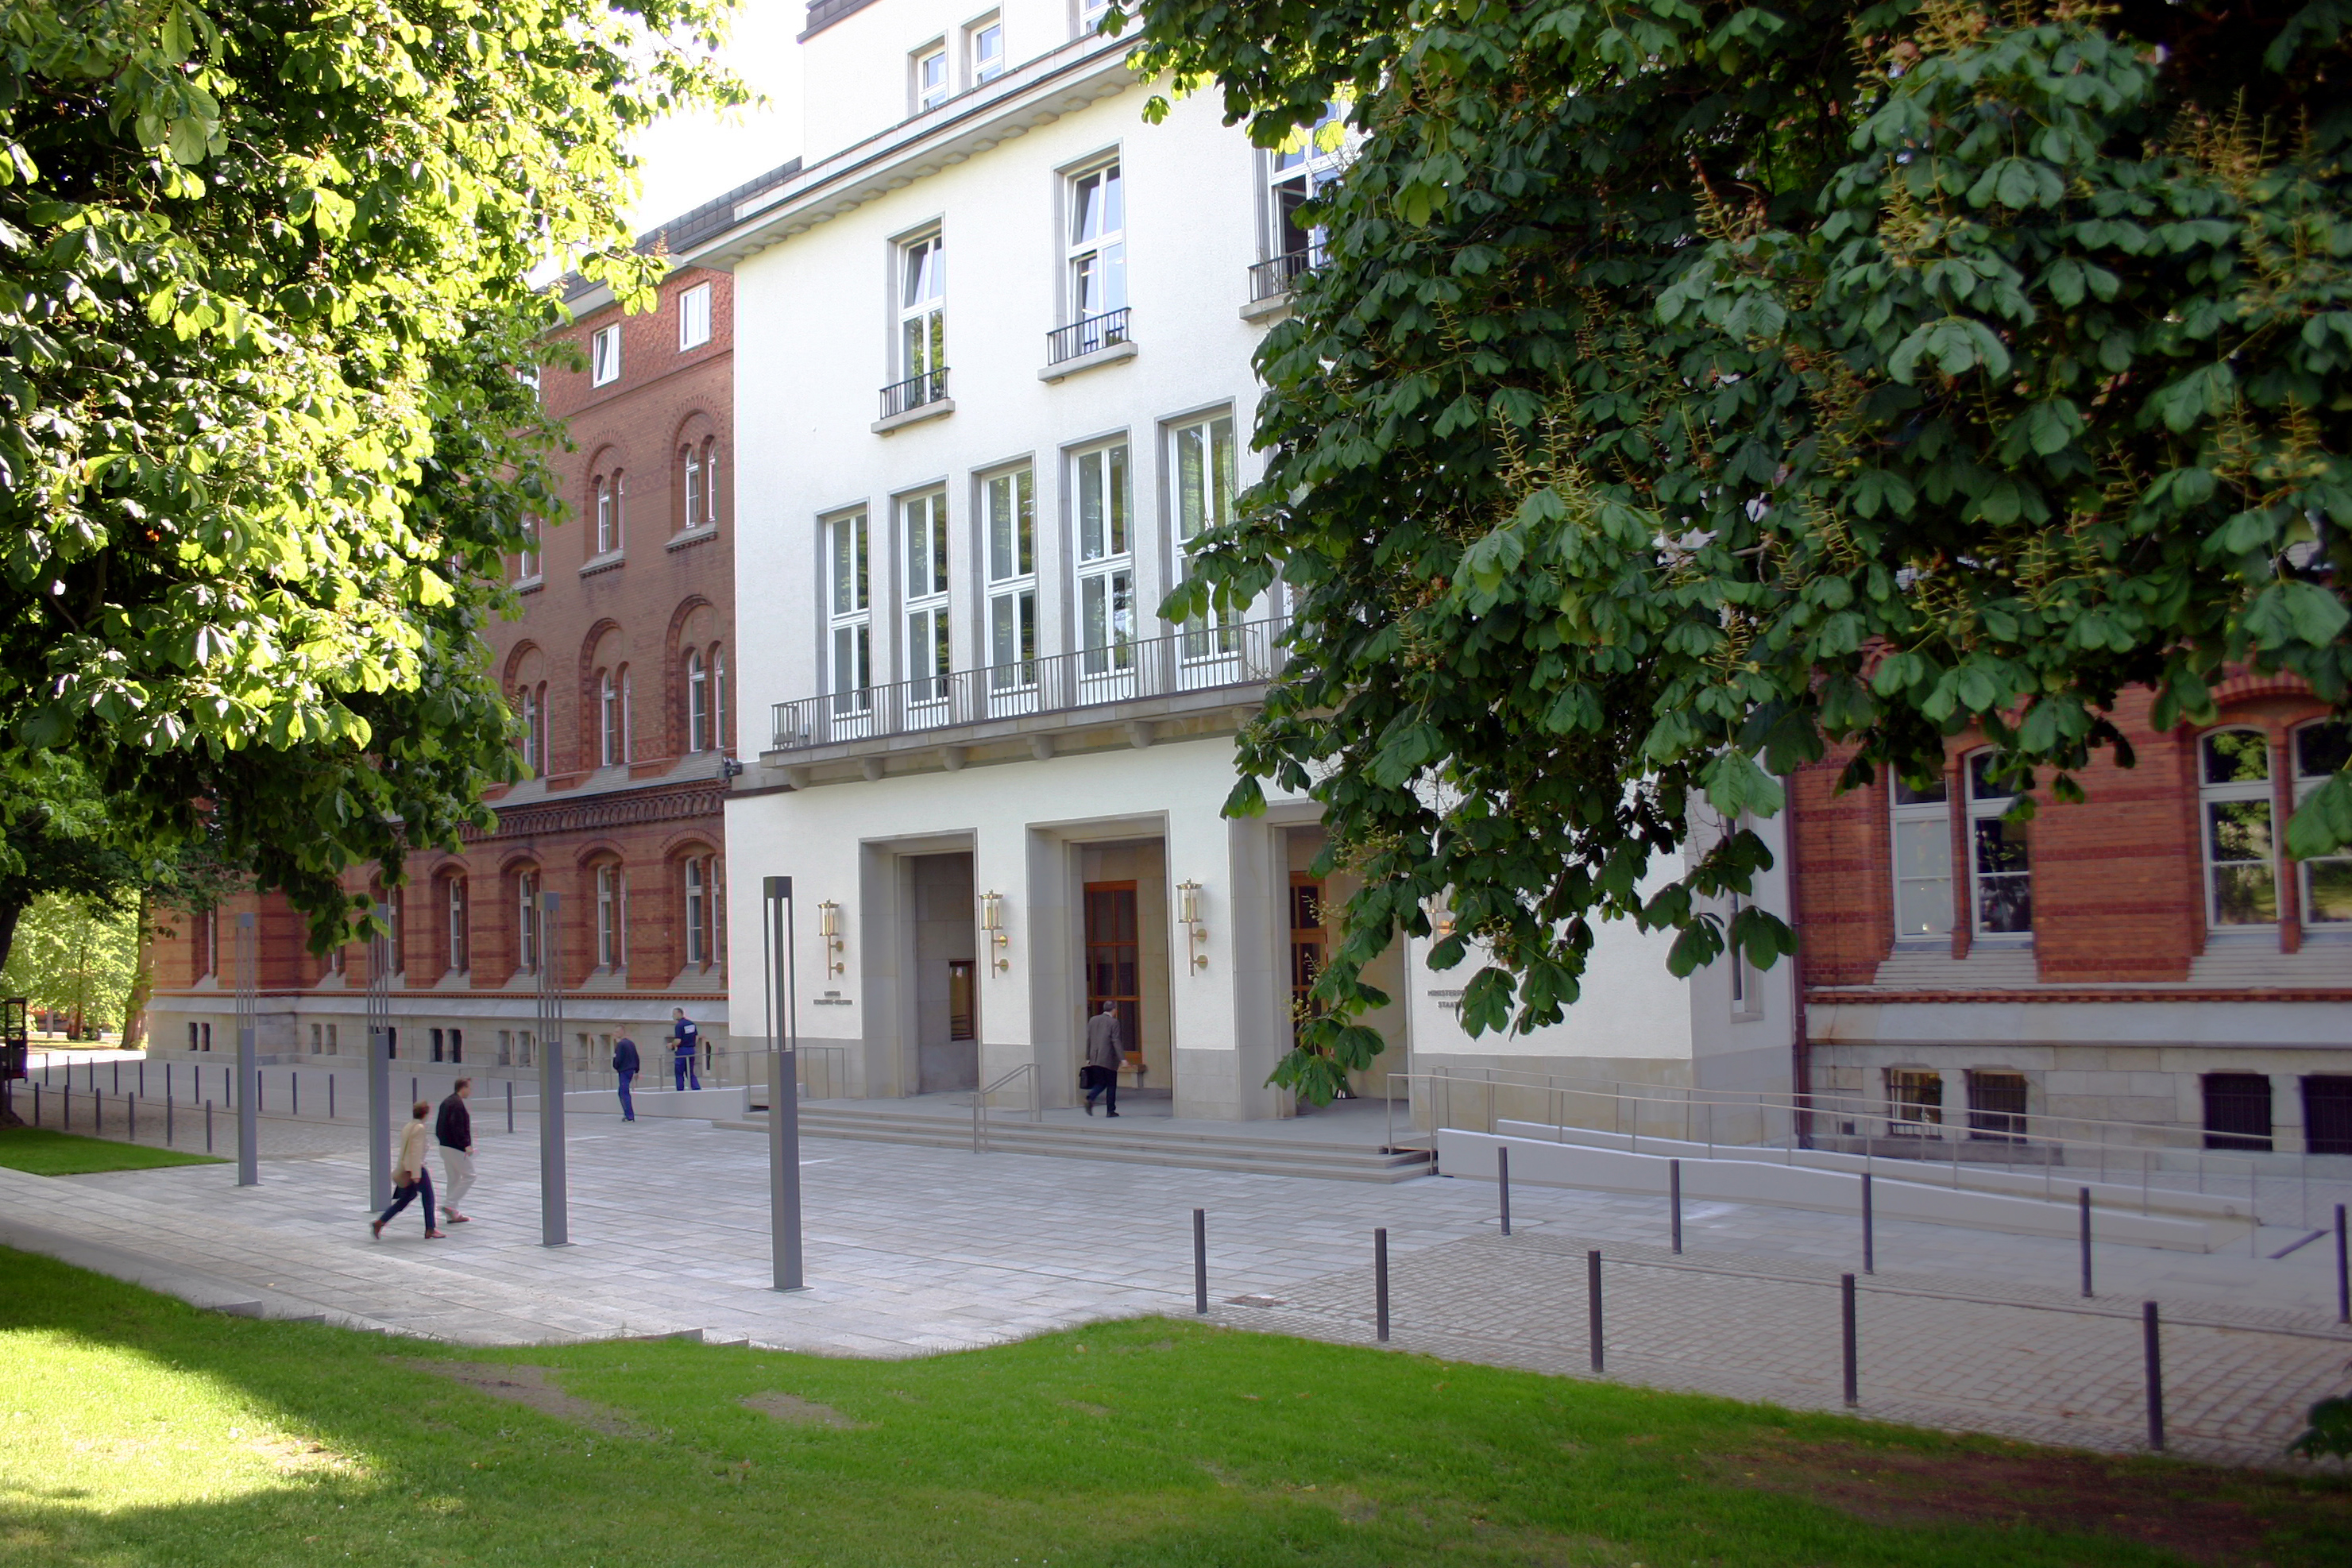 Foto: Landtag Schleswig-Holstein